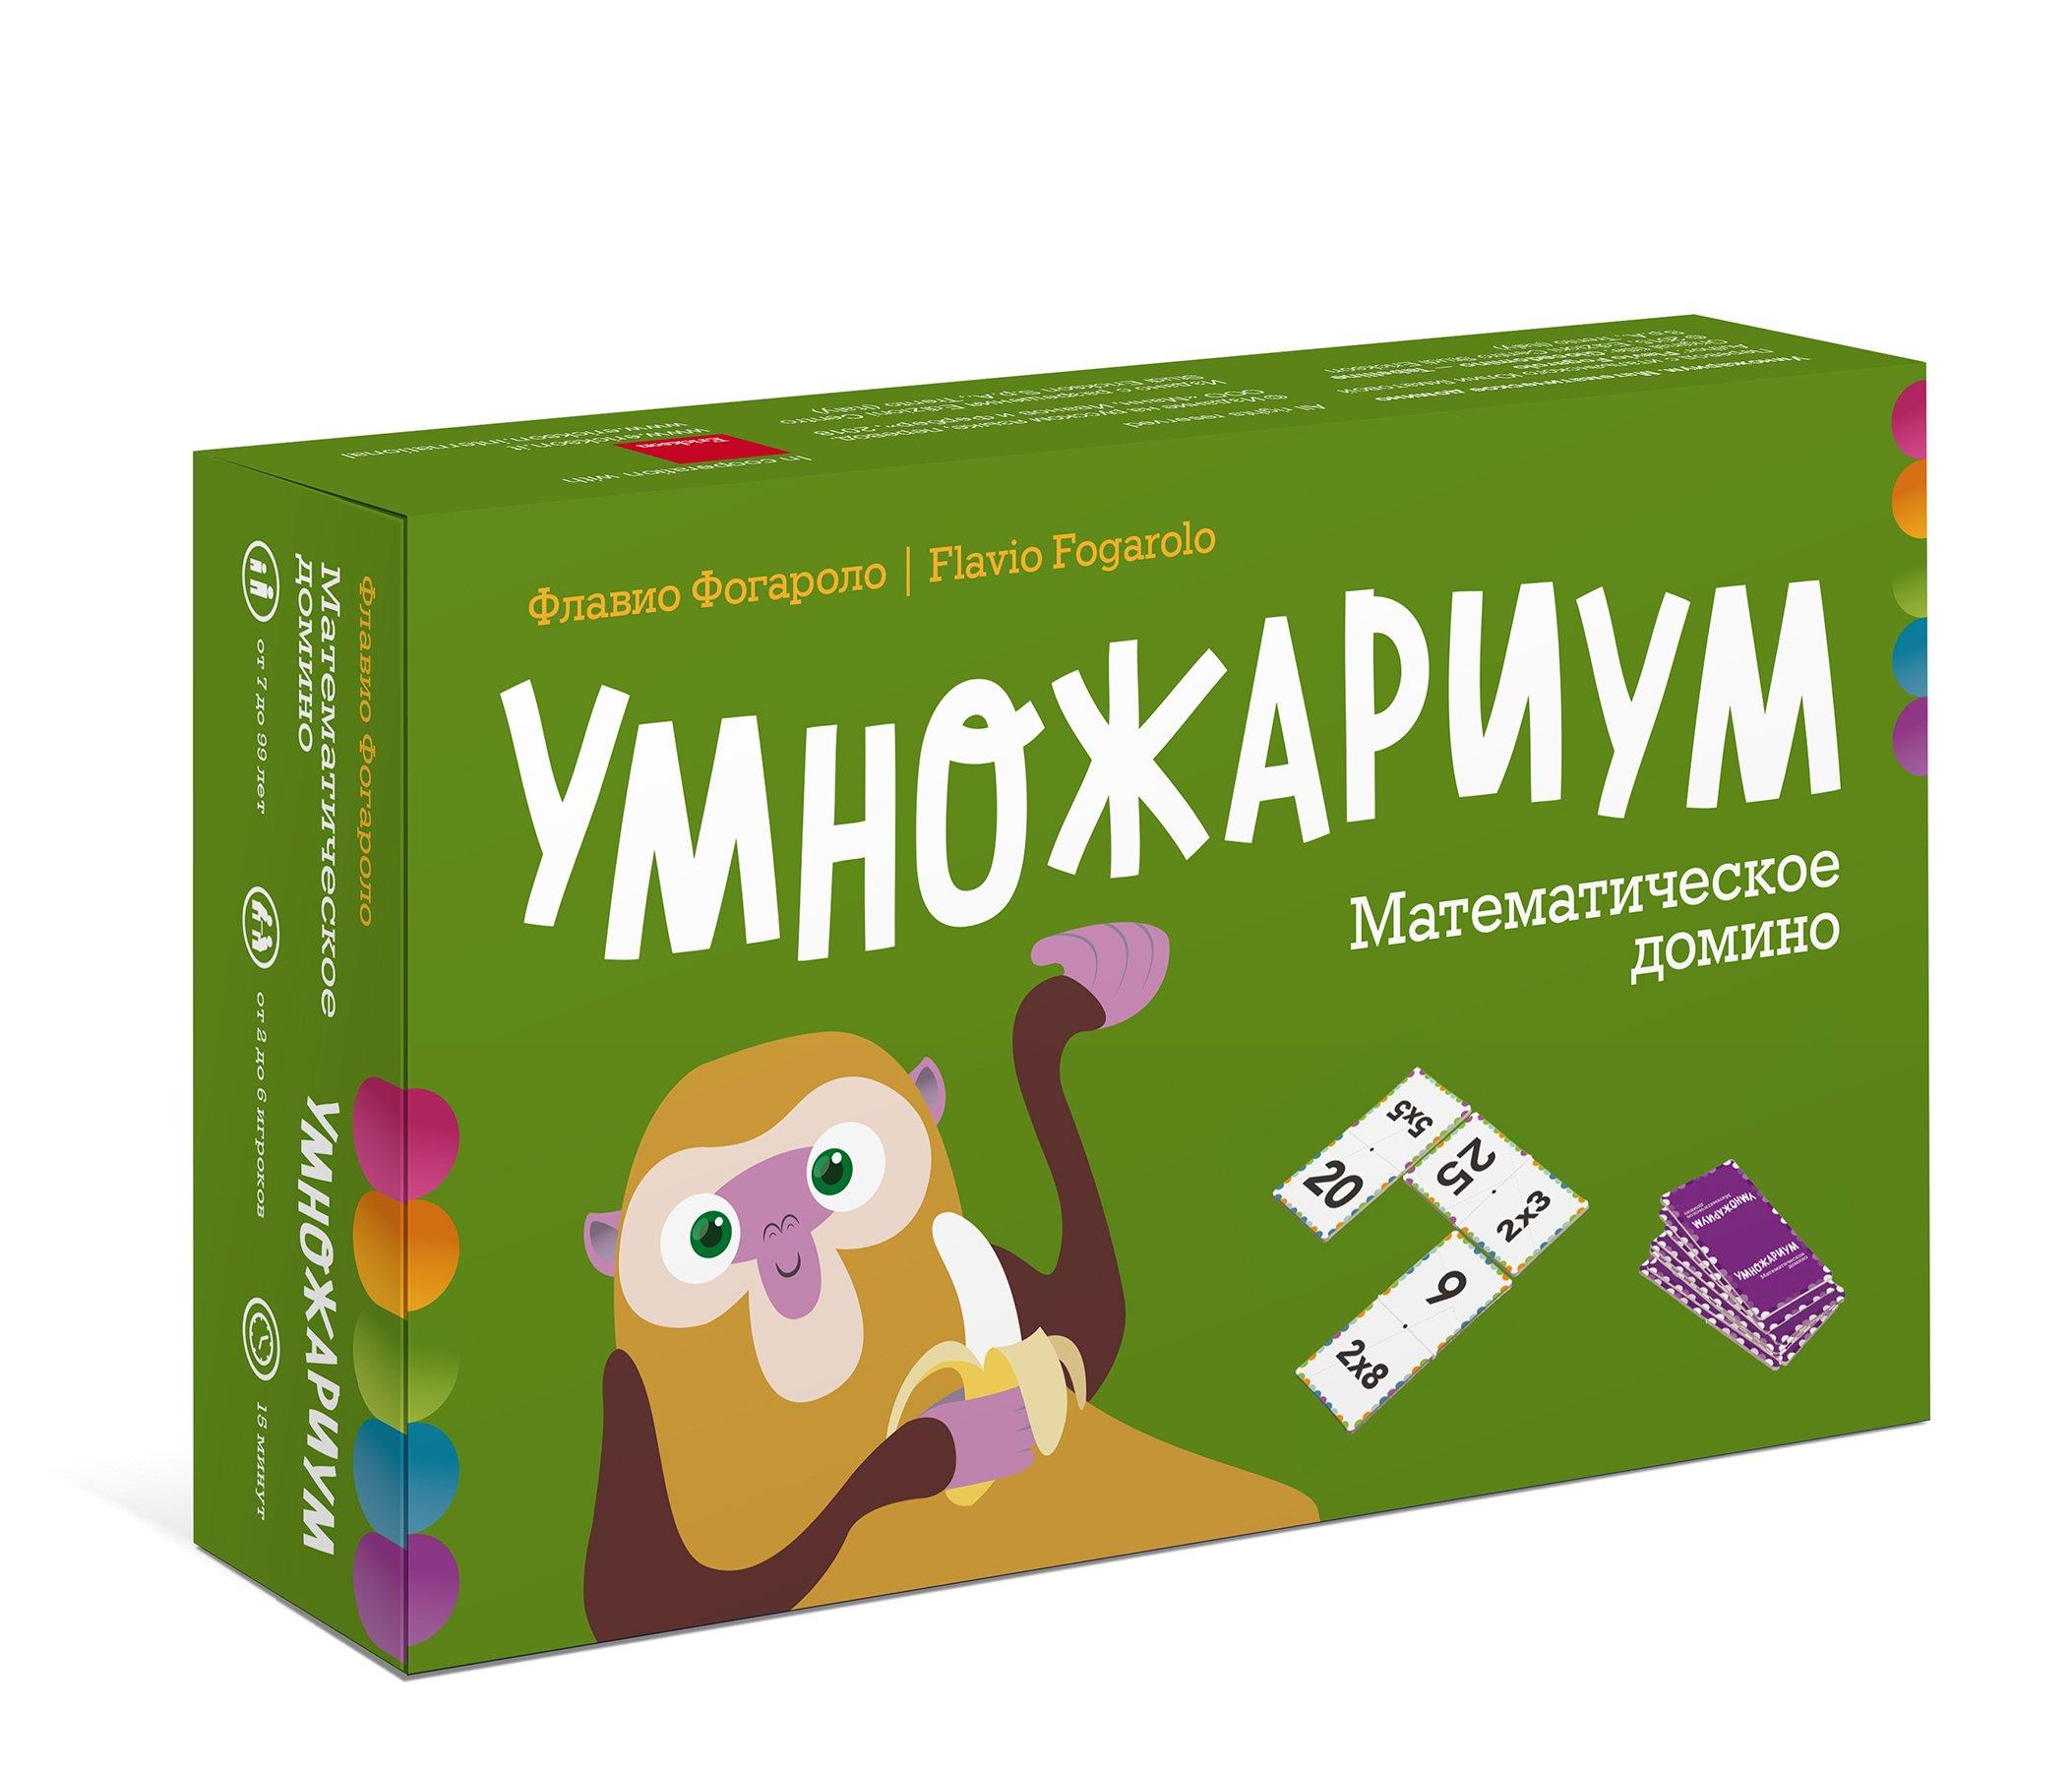 Настольная игра «Умножариум. Математическое домино» ( Флавио Фогароло  )